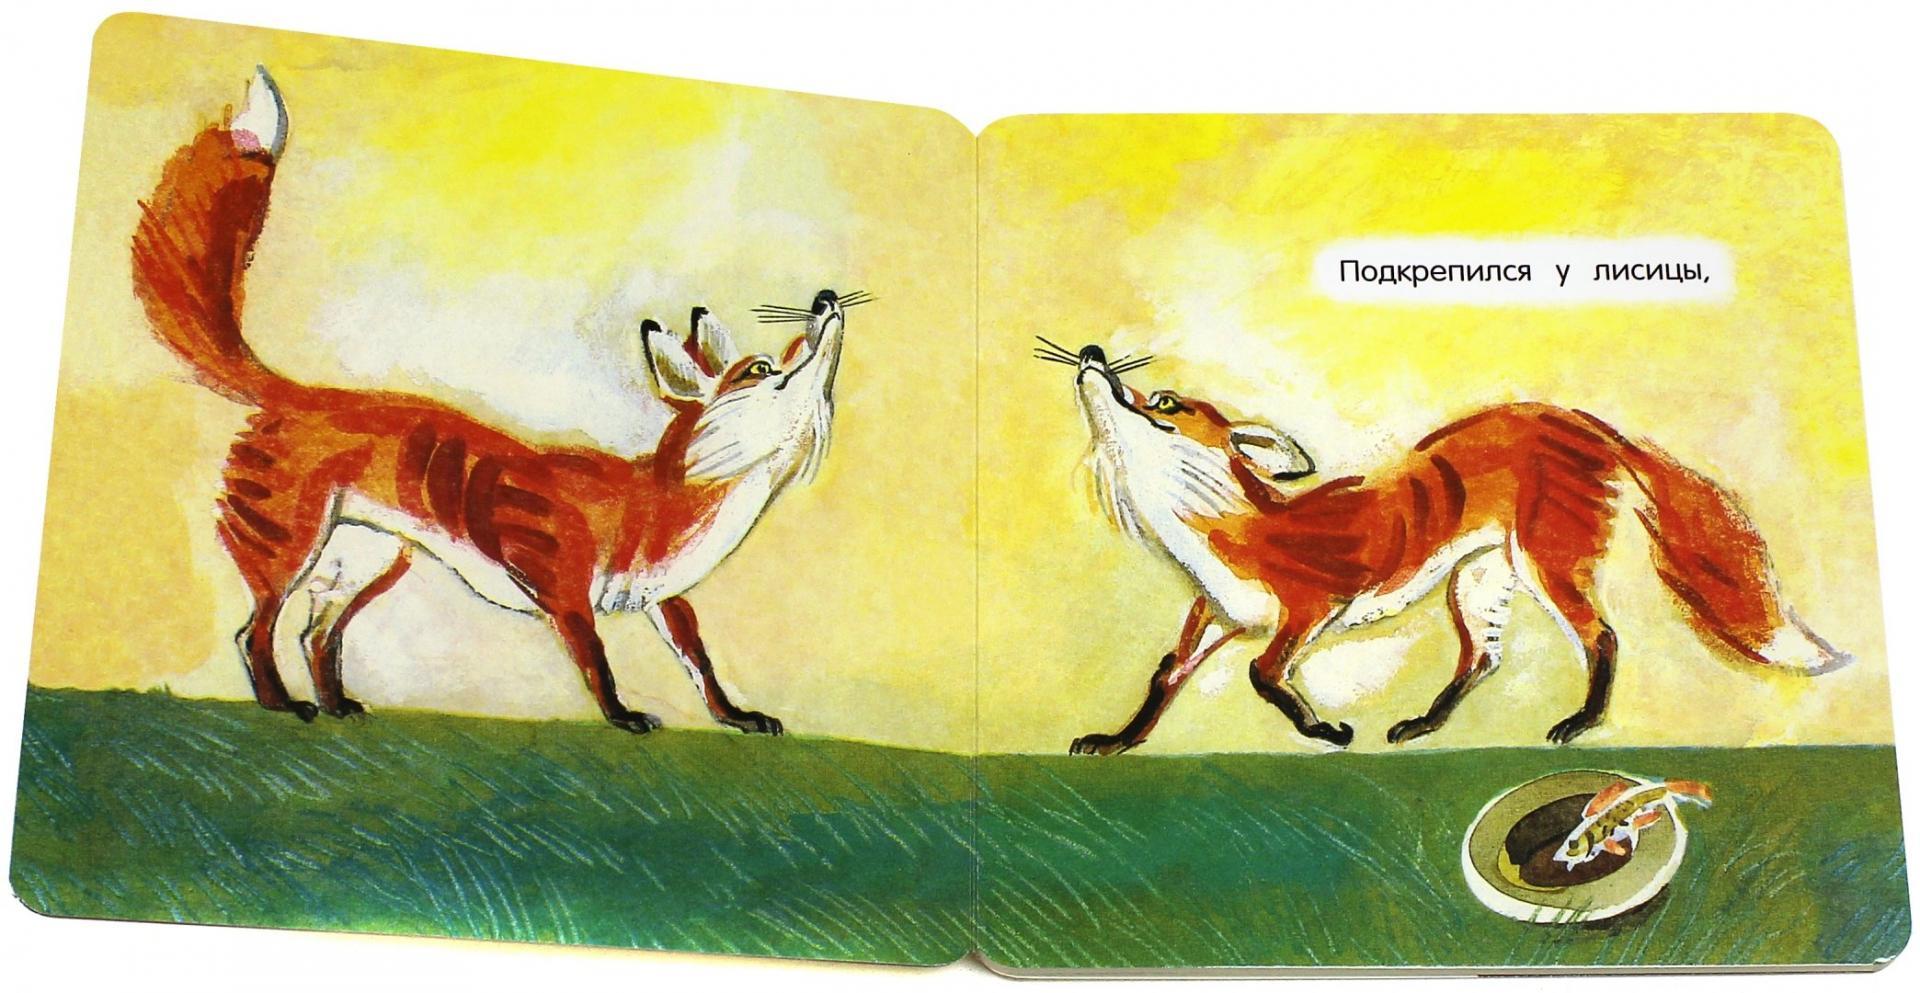 Иллюстрация 1 из 216 для Где обедал, воробей? - Самуил Маршак | Лабиринт - книги. Источник: Лабиринт